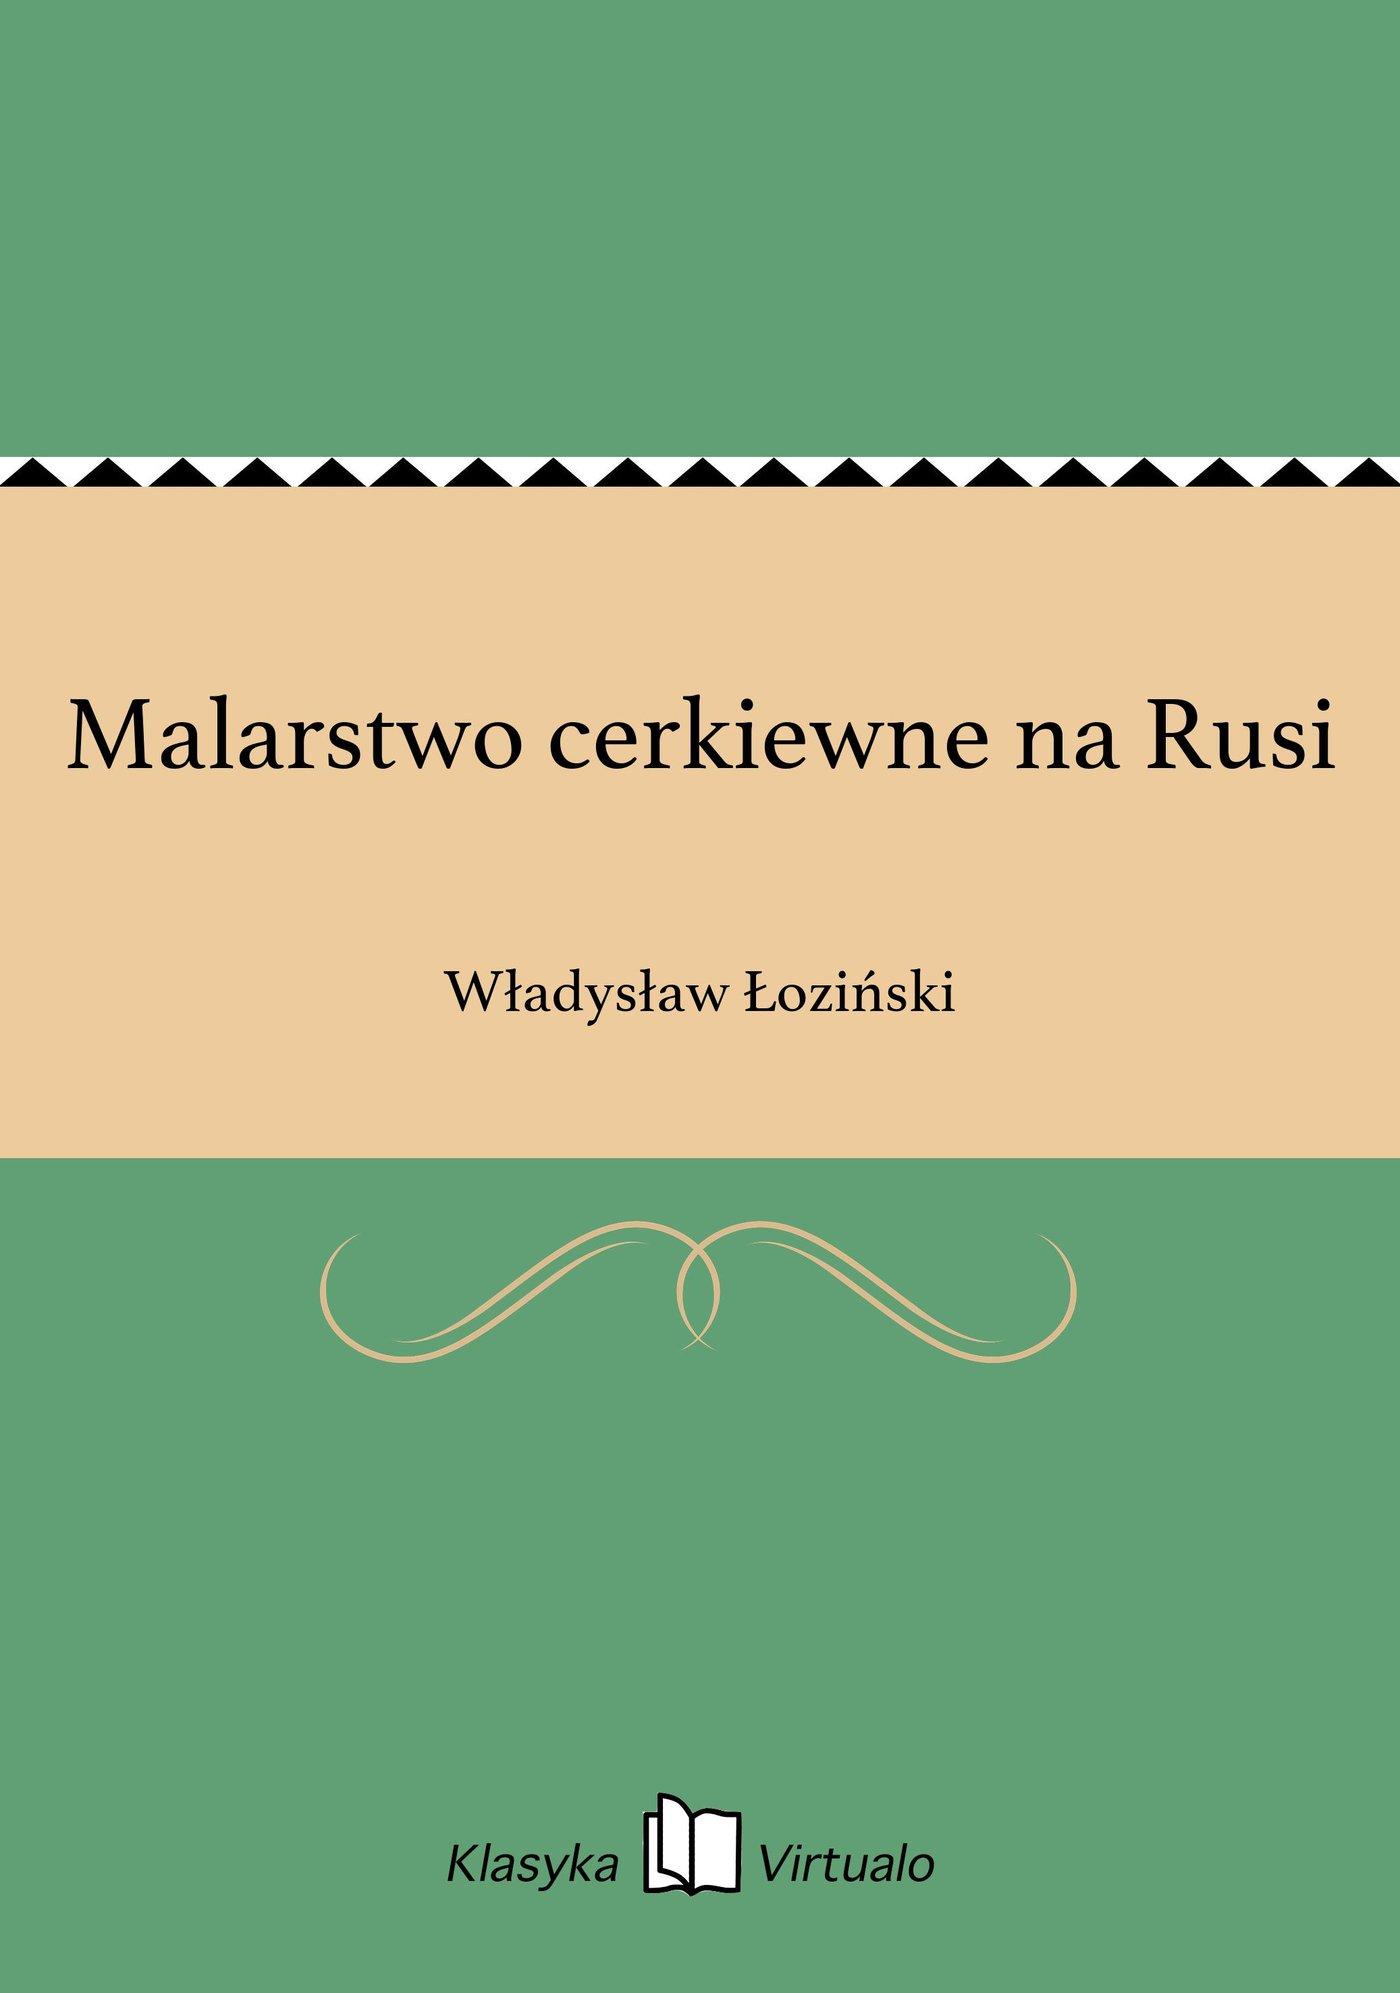 Malarstwo cerkiewne na Rusi - Ebook (Książka EPUB) do pobrania w formacie EPUB